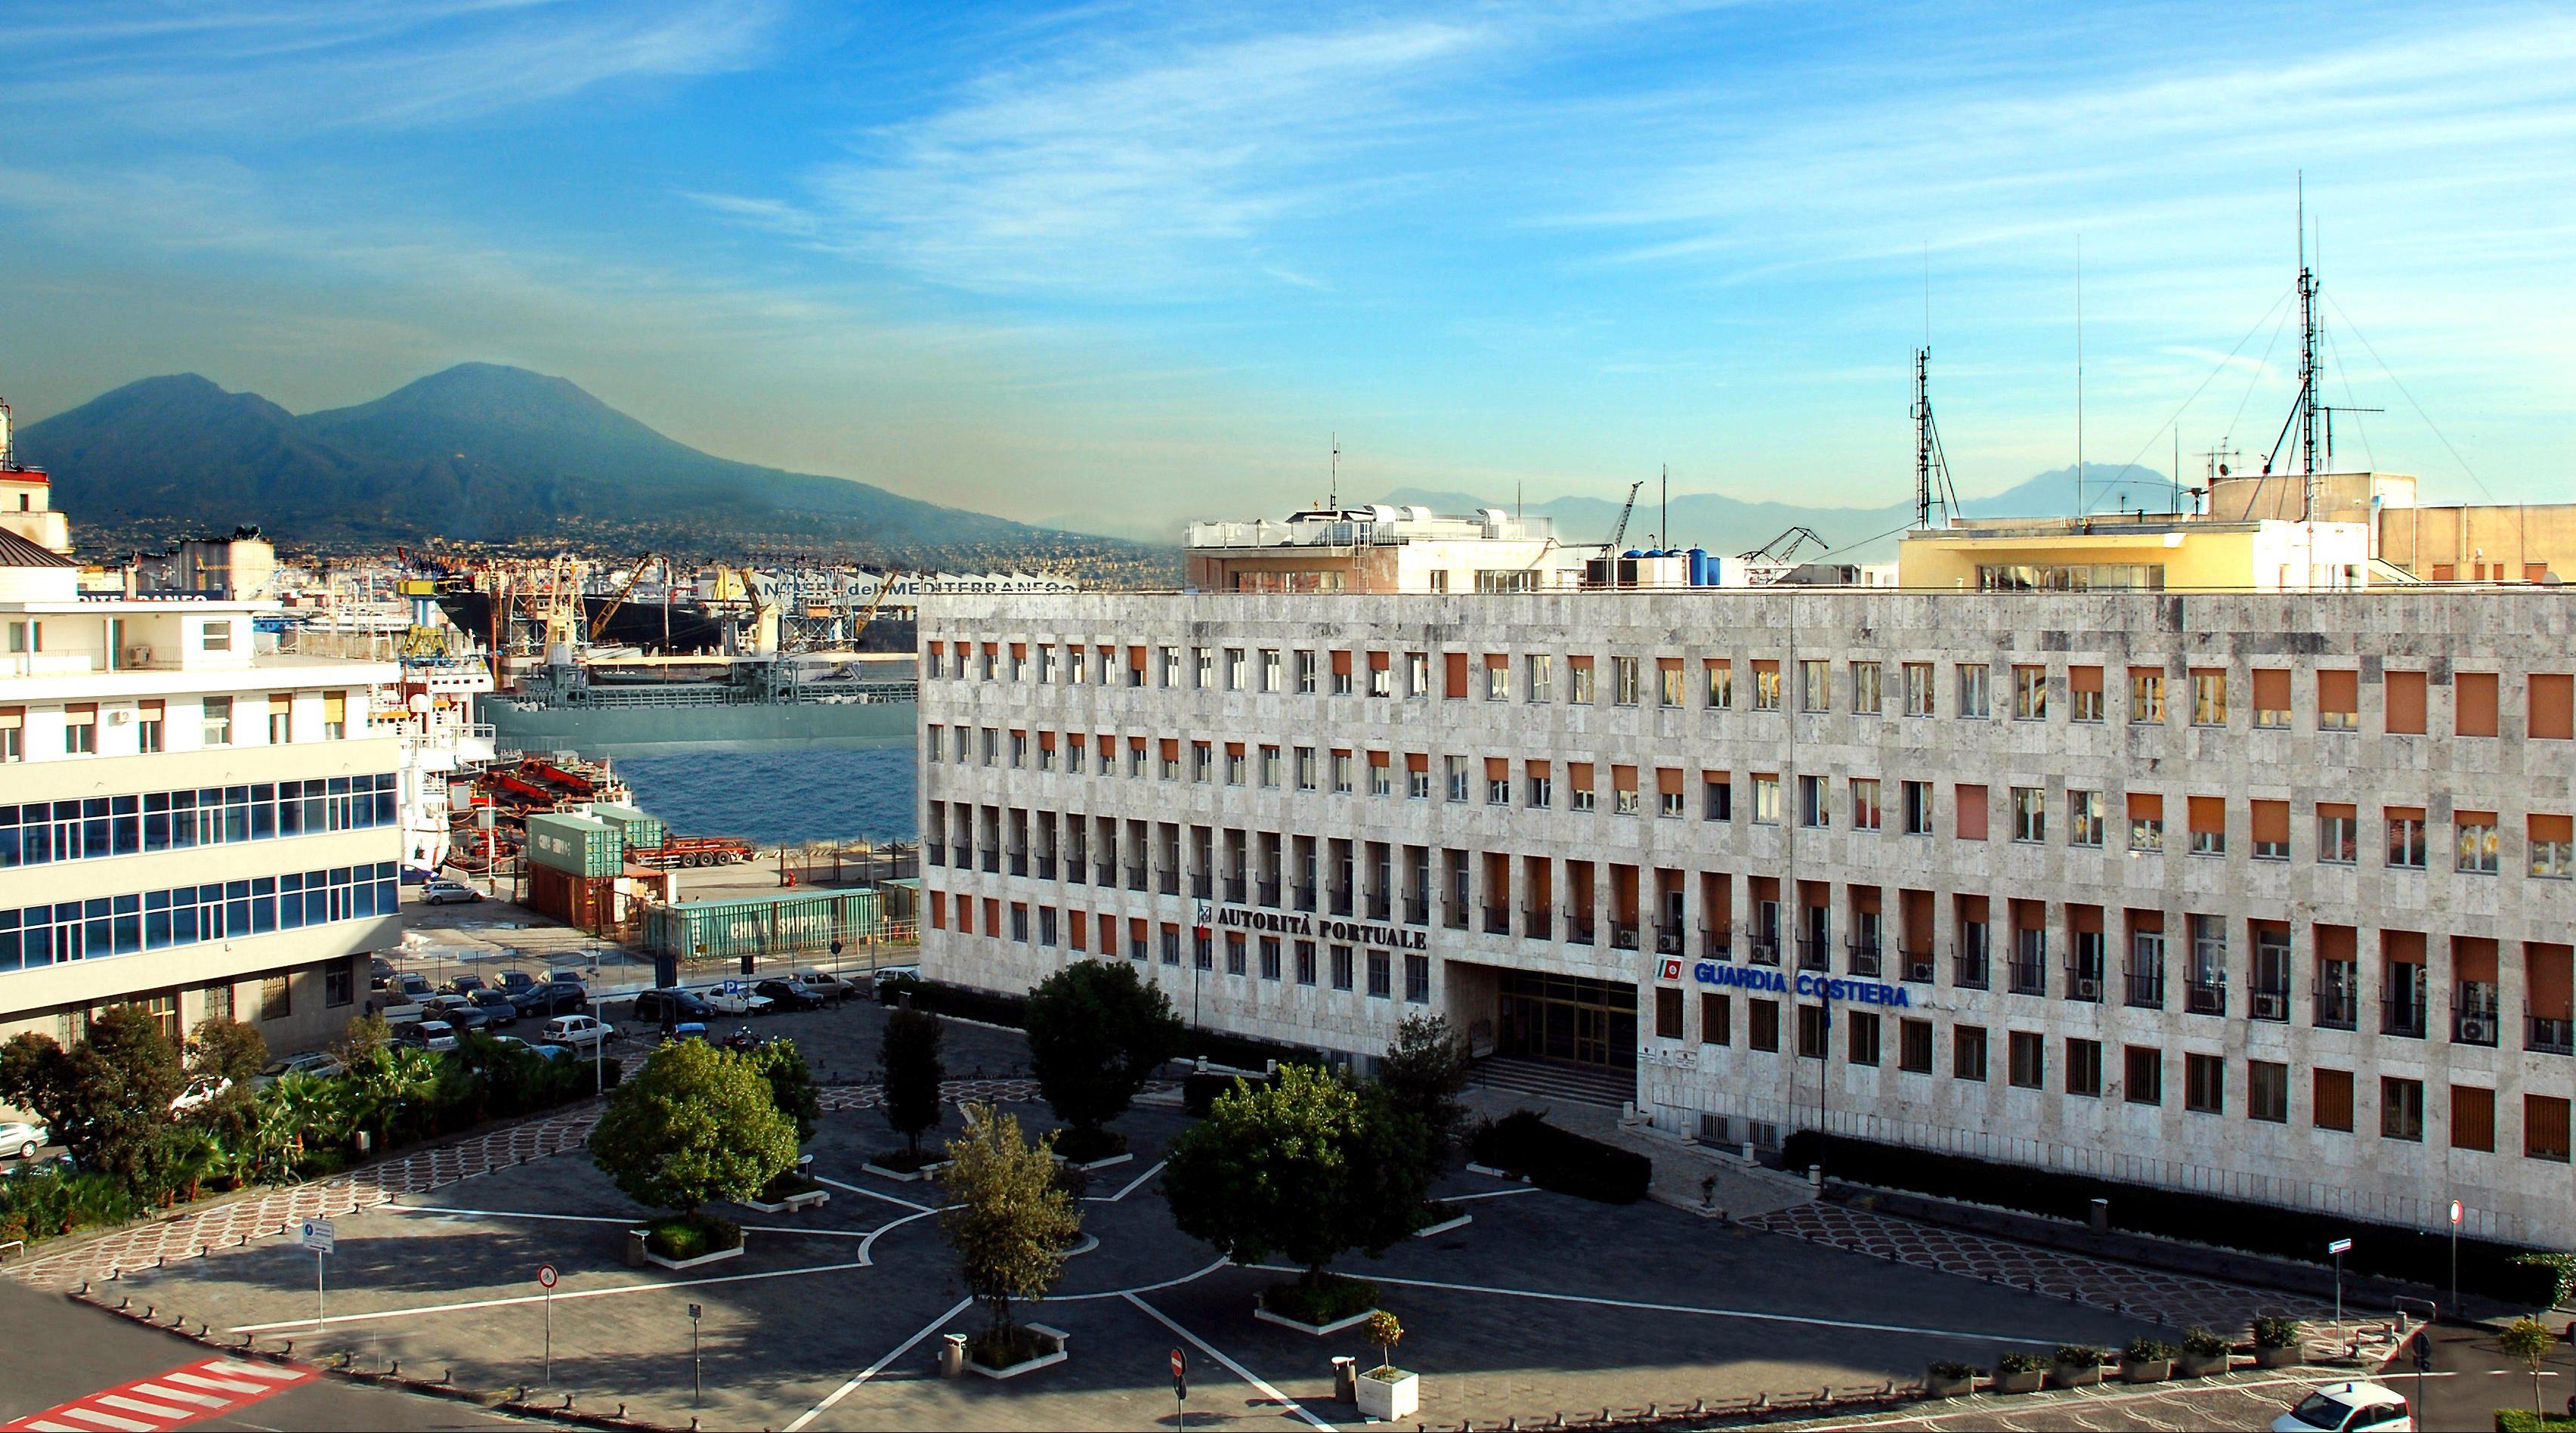 Autorità_Portuale_Napoli_18-11-16-e1527496839754